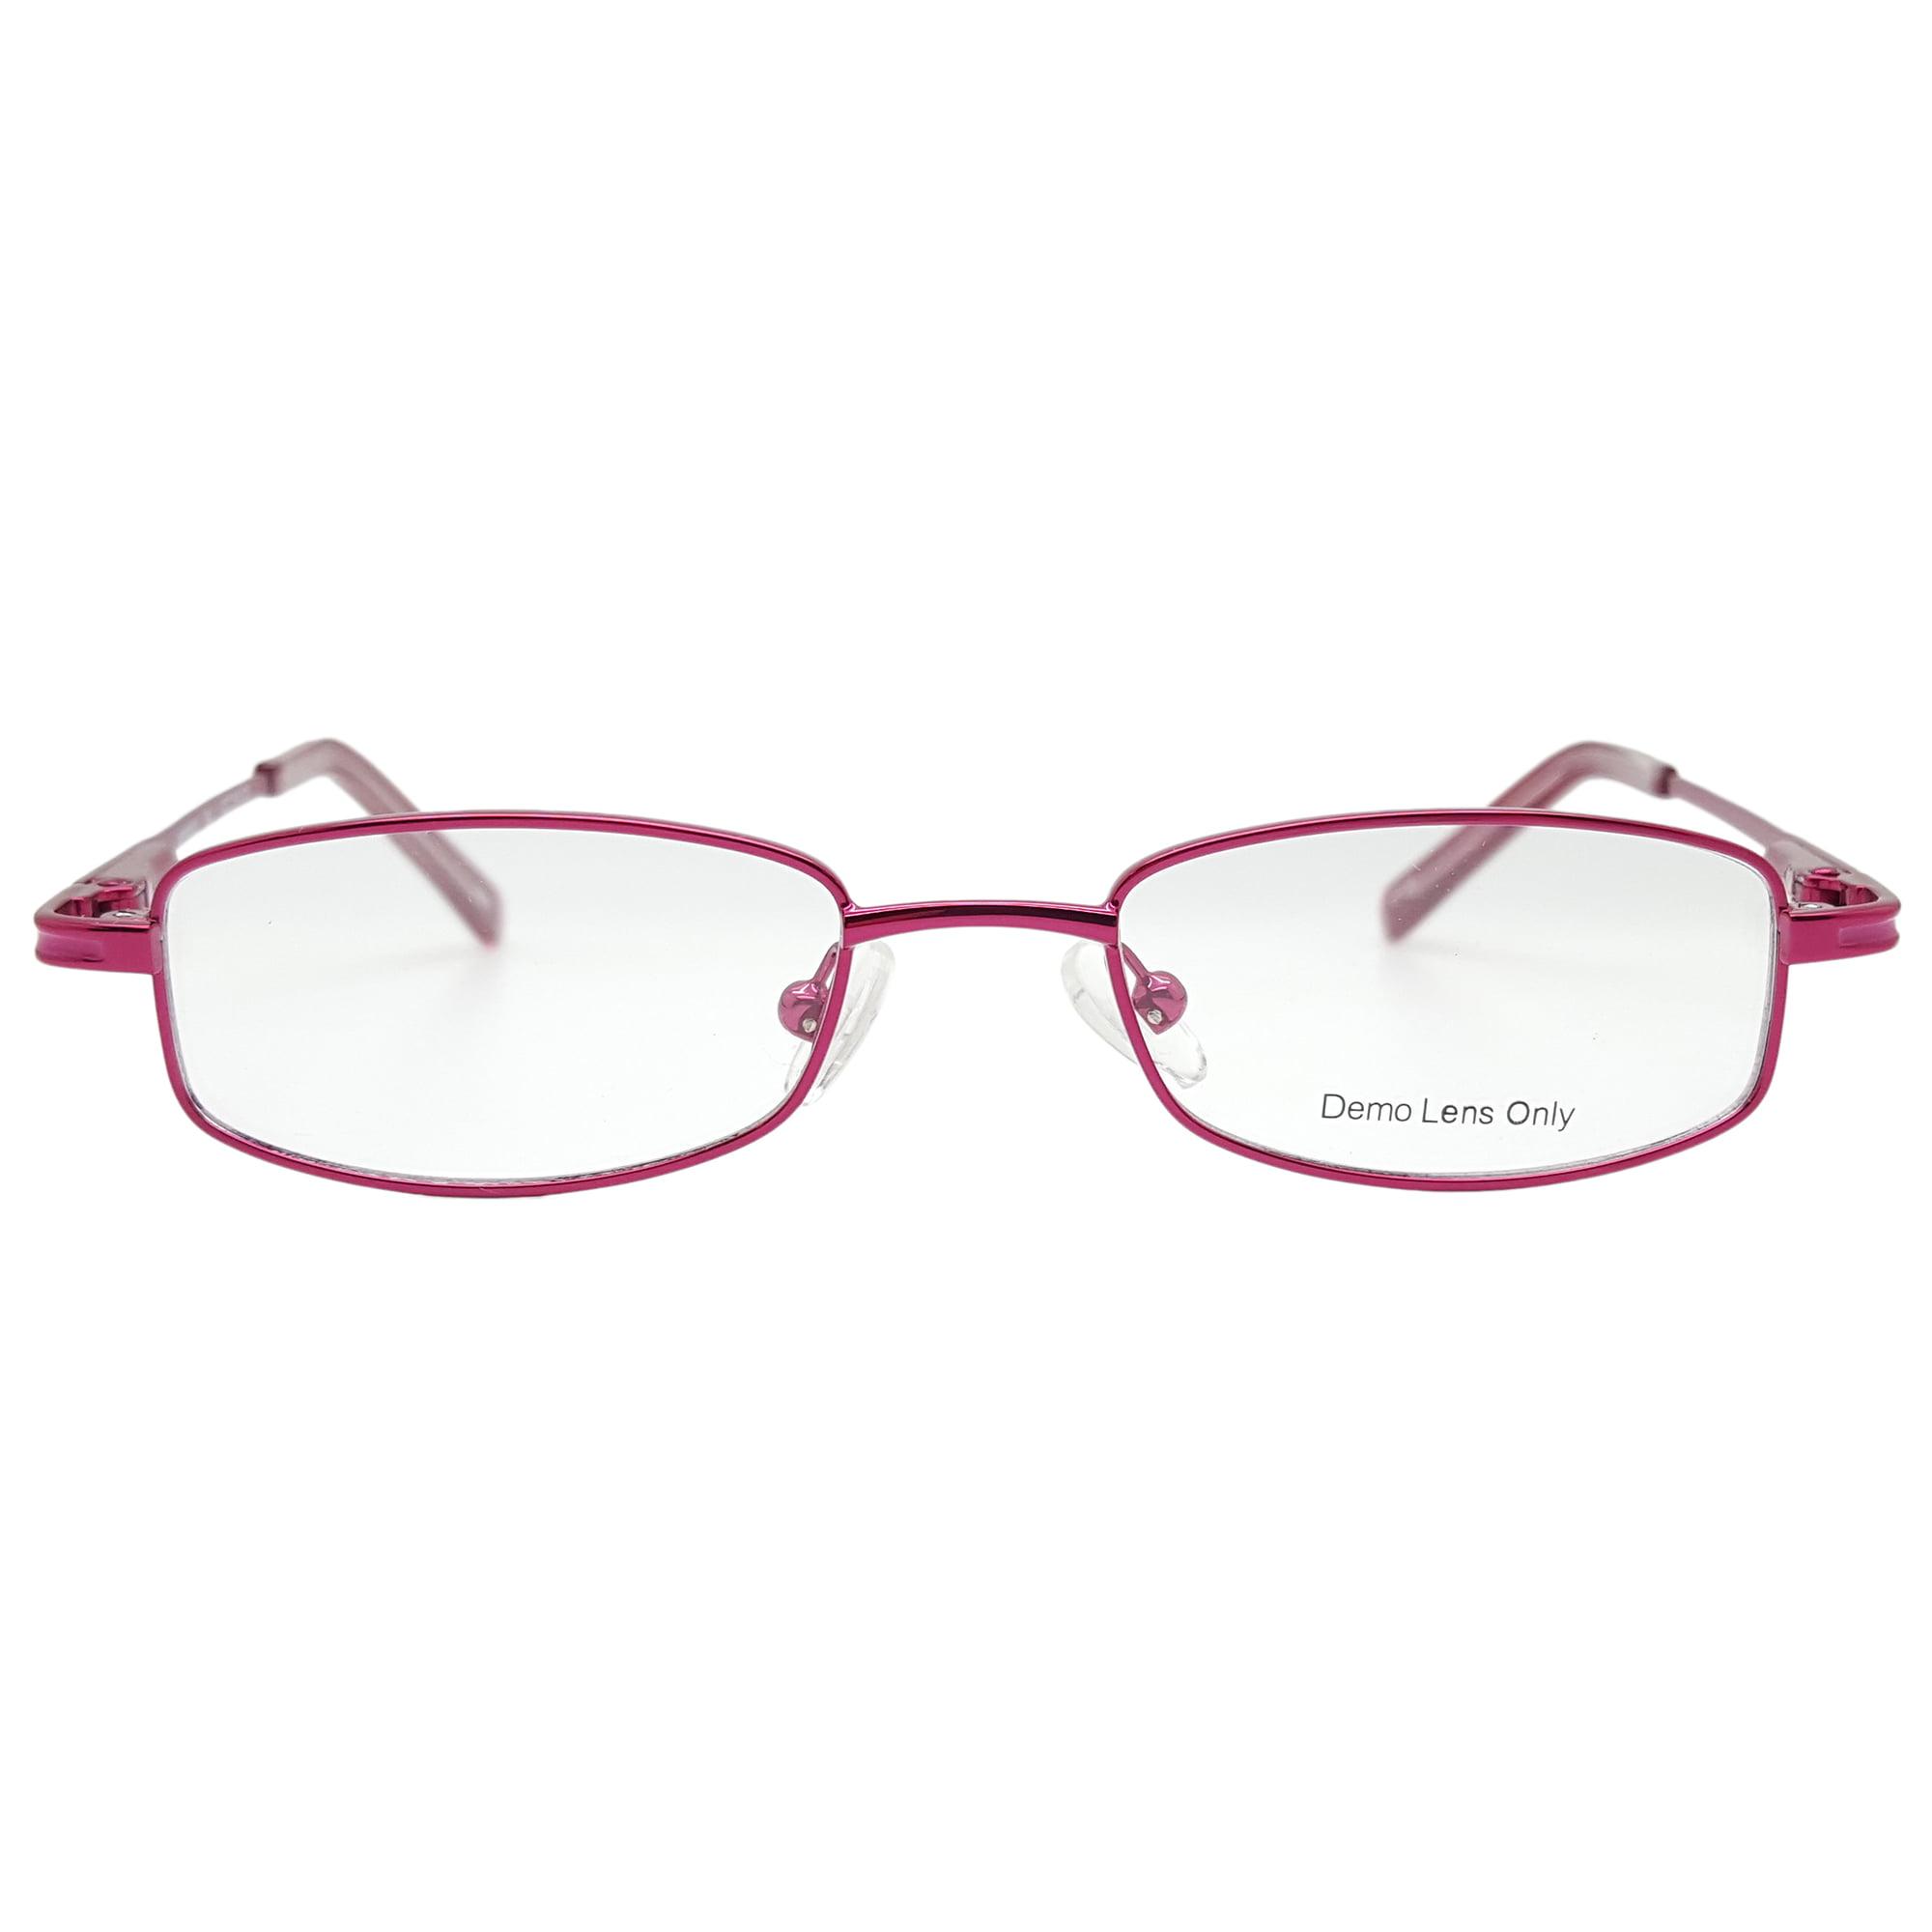 Girls Km0003 Eyeglasses Prescription Frames 42 16 125